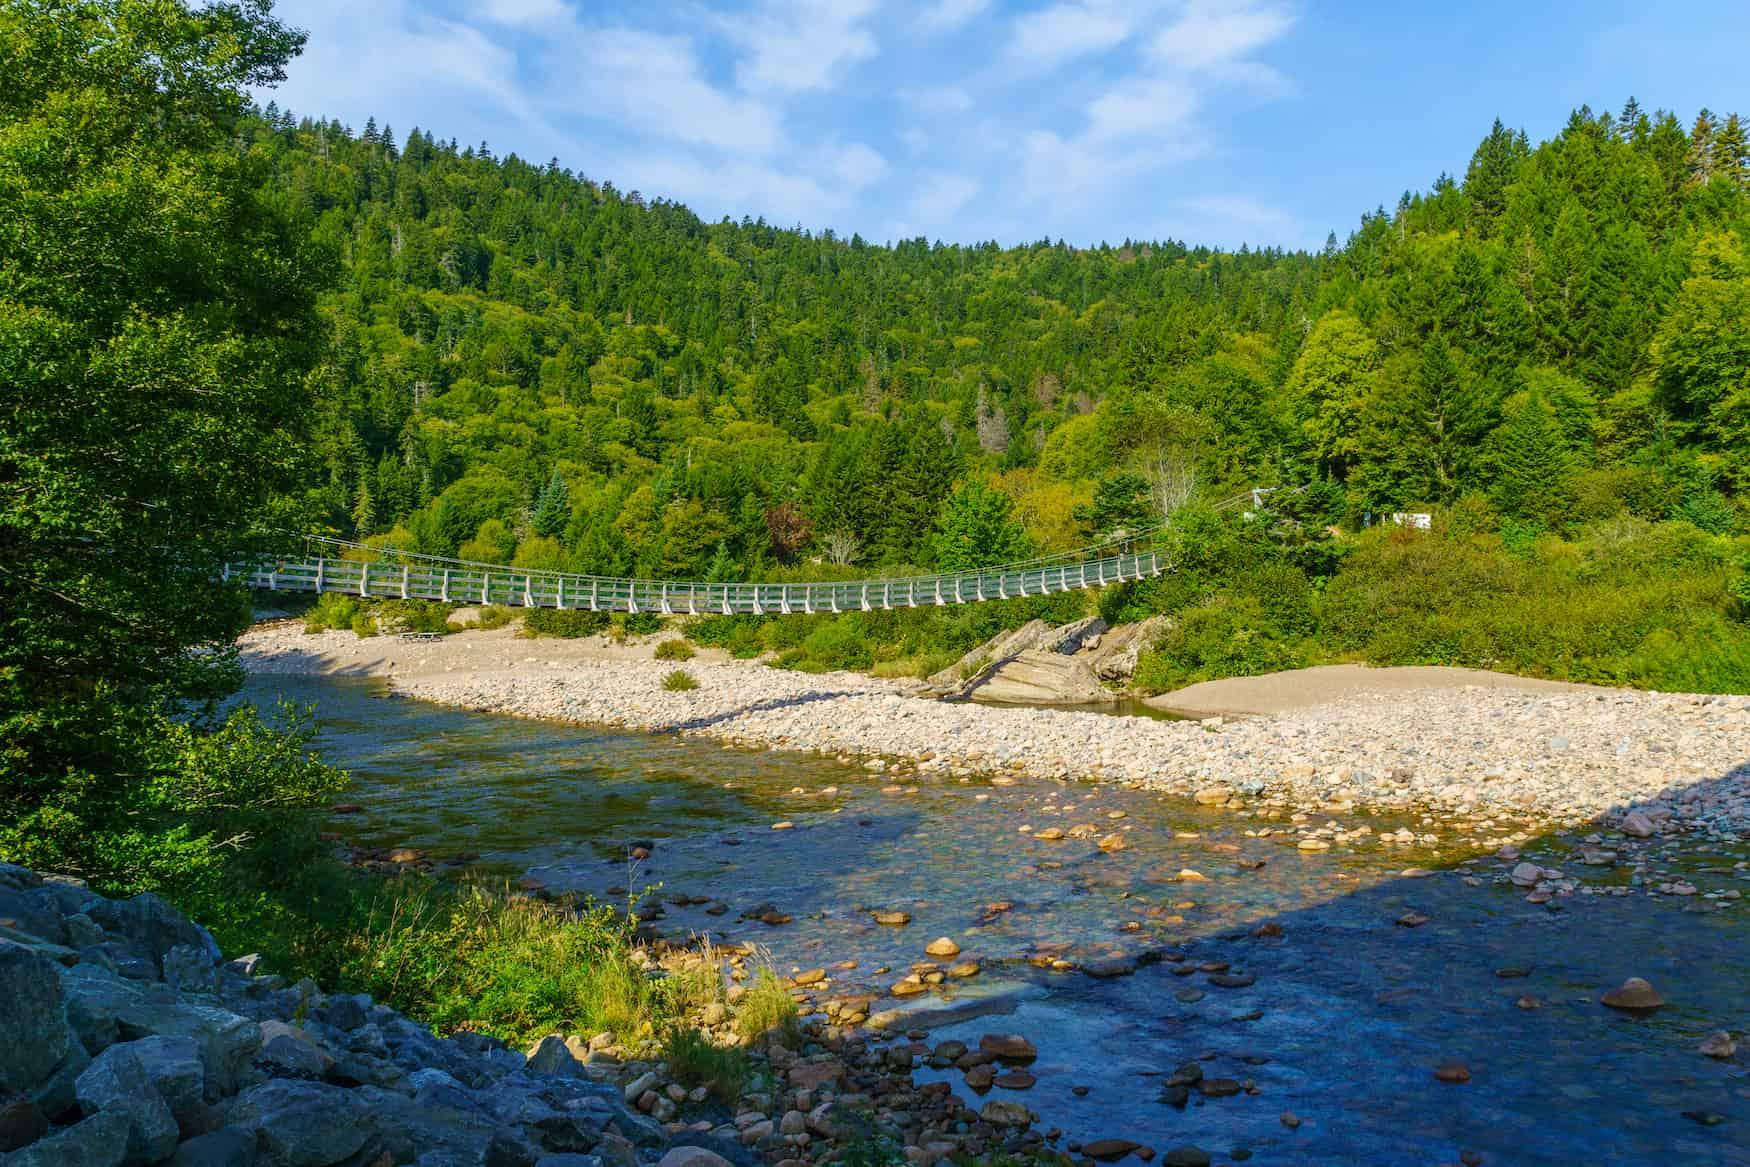 Blick auf die Hängebrücke des Big Salmon River, im Fundy Trail Parkway Park, New Brunswick, Kanada